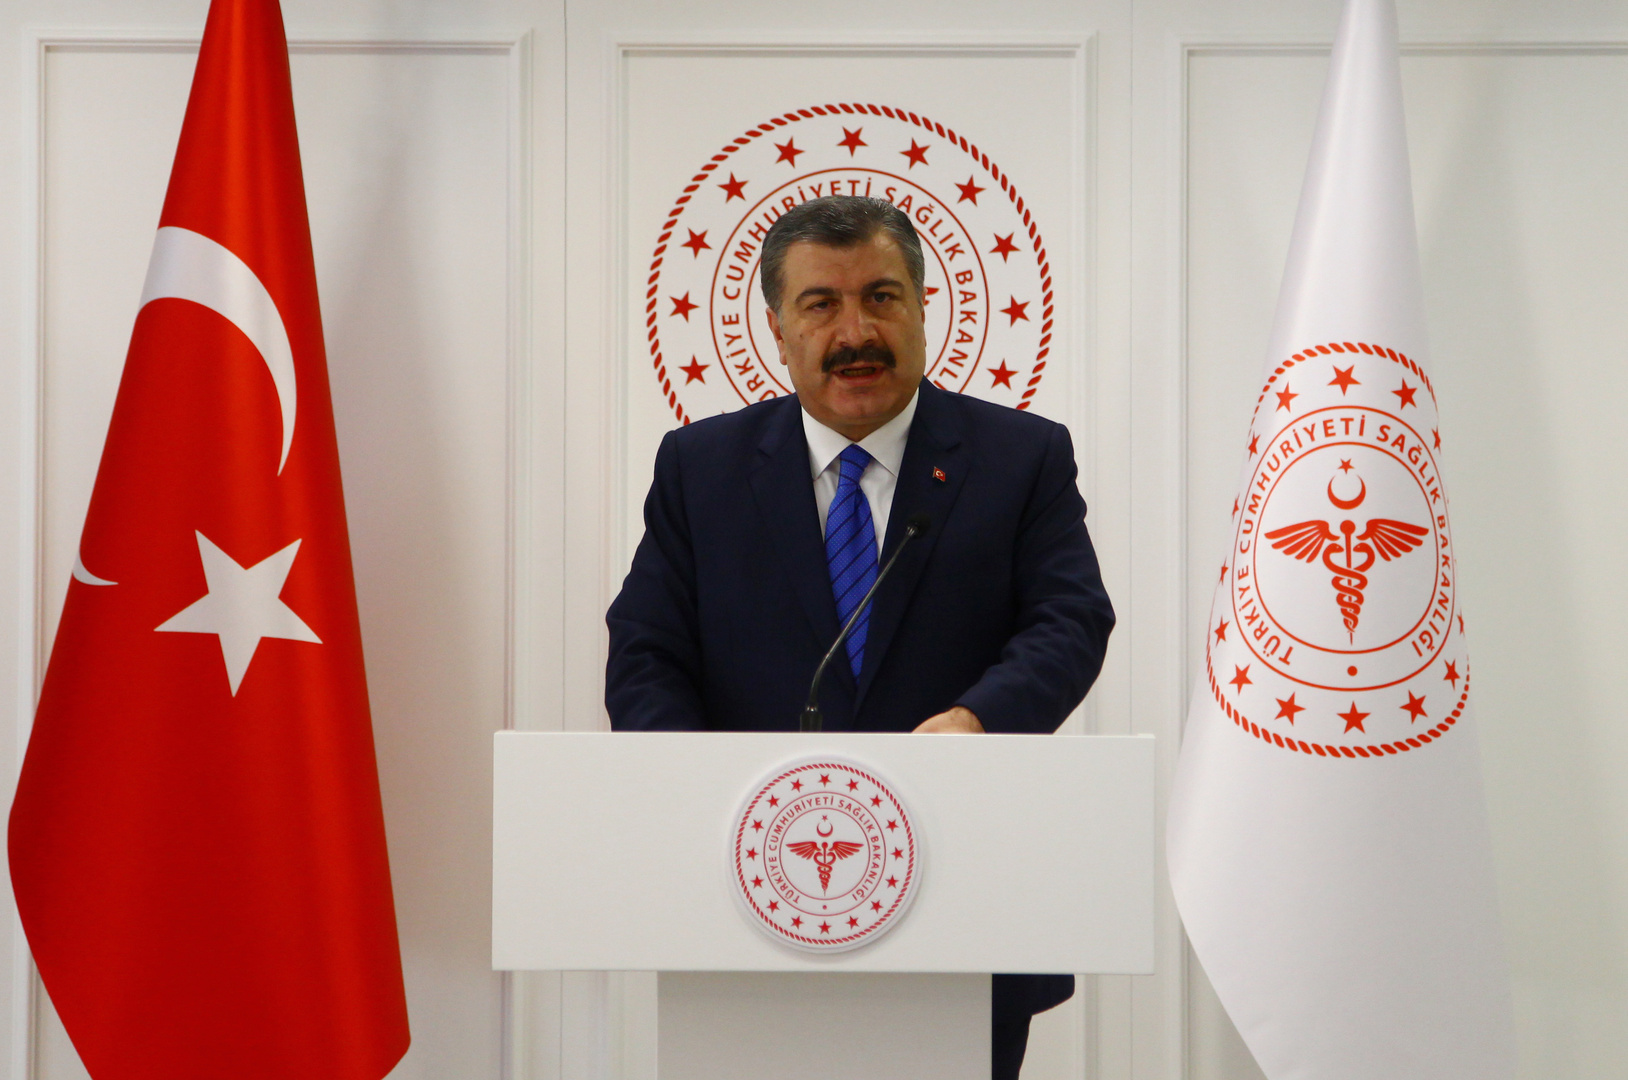 وزير الصحة التركي يأسف لما حدث خلال جنازة عالم الحديث محمد أمين ساراتش